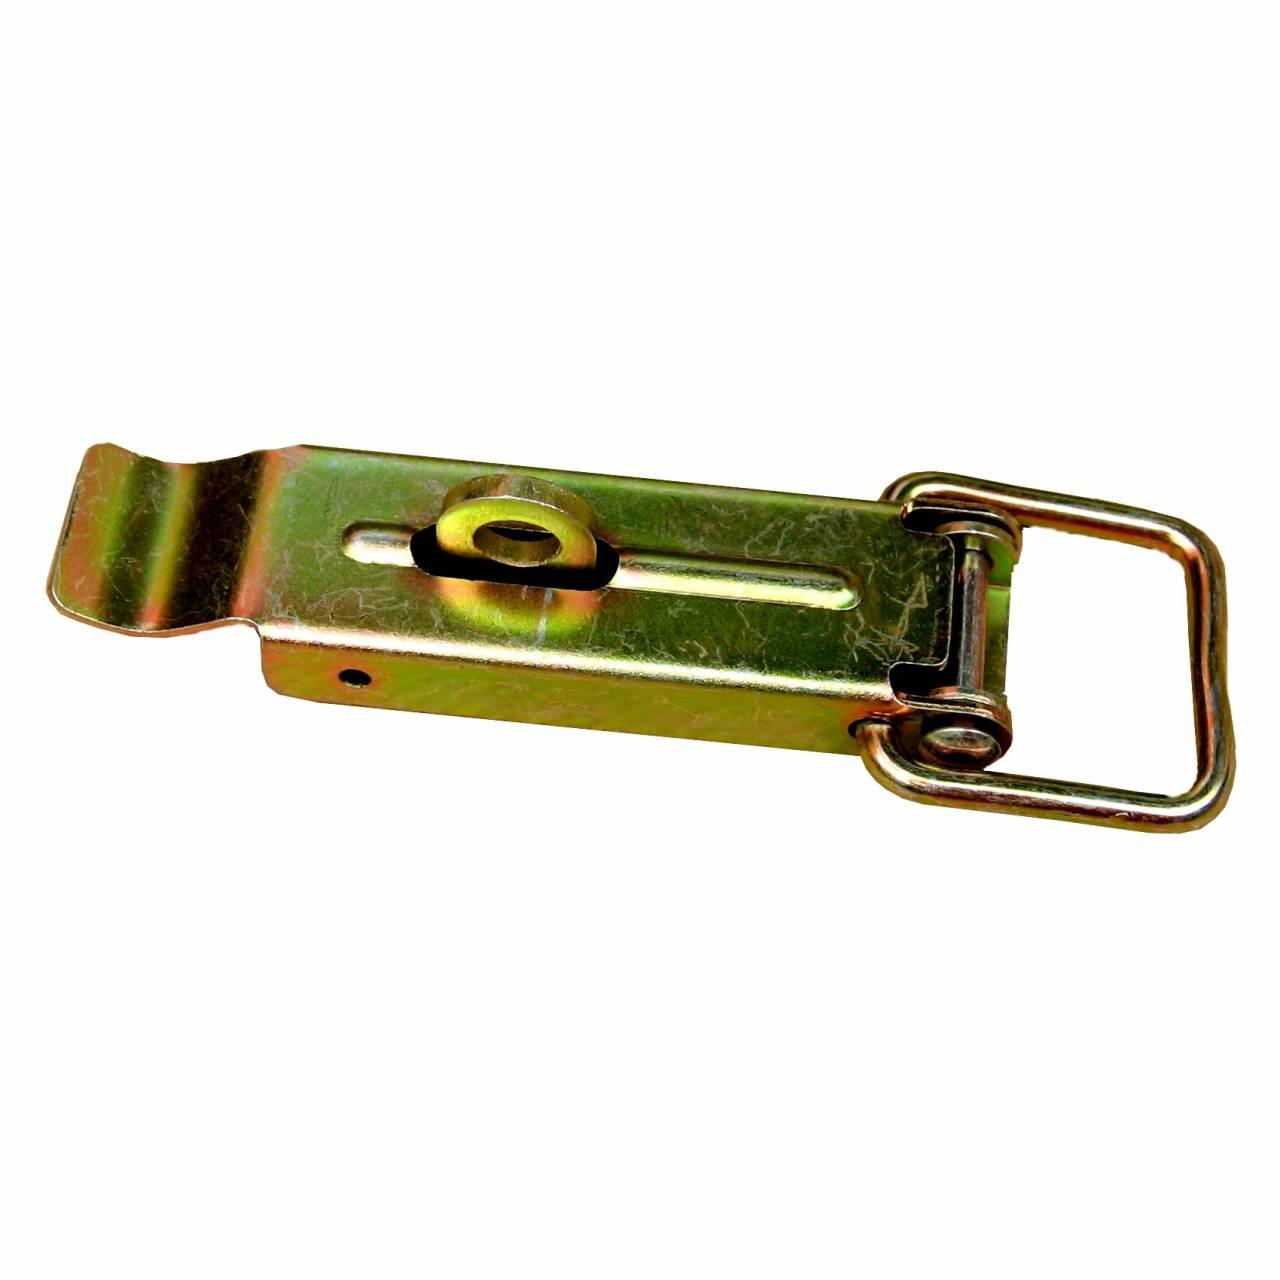 Spannverschluss vz 110 x 37 mm / Pck a 2 Stück